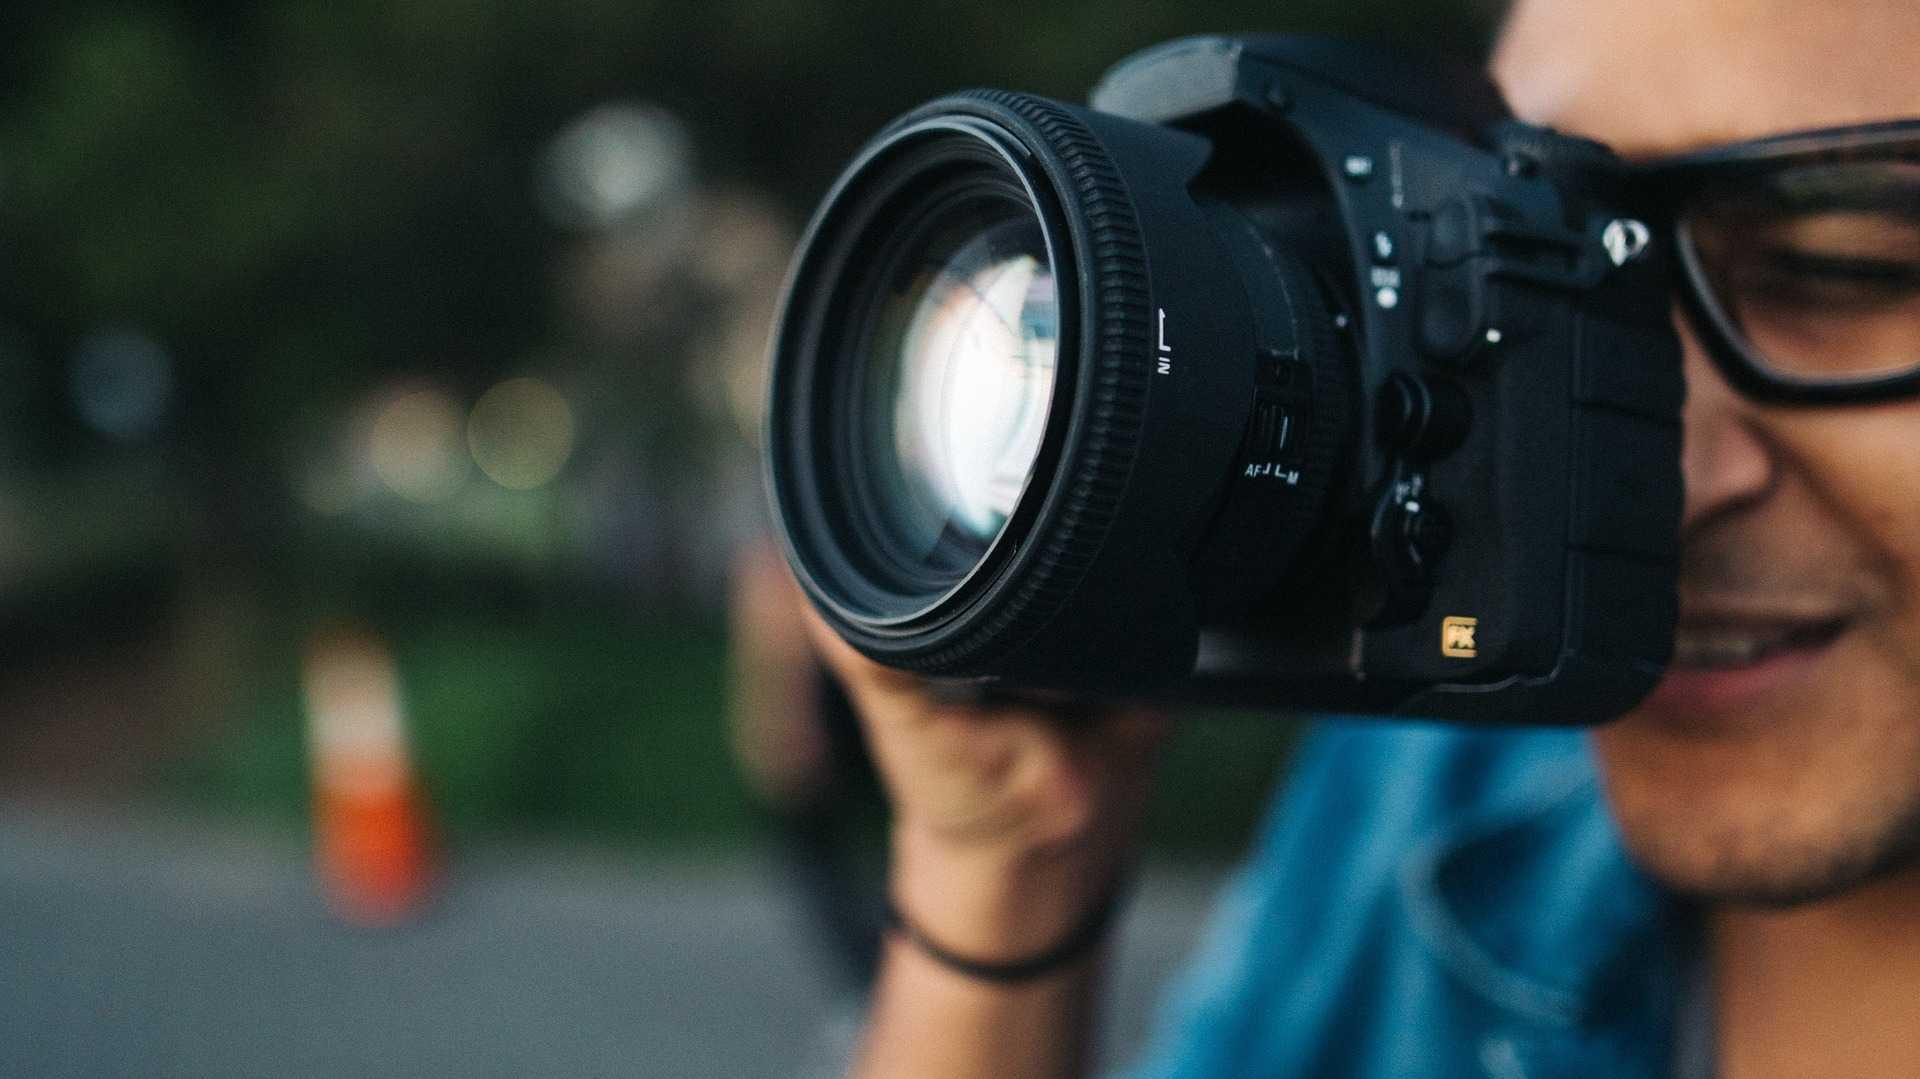 Hintergrund: Kamera-Verschlüsse